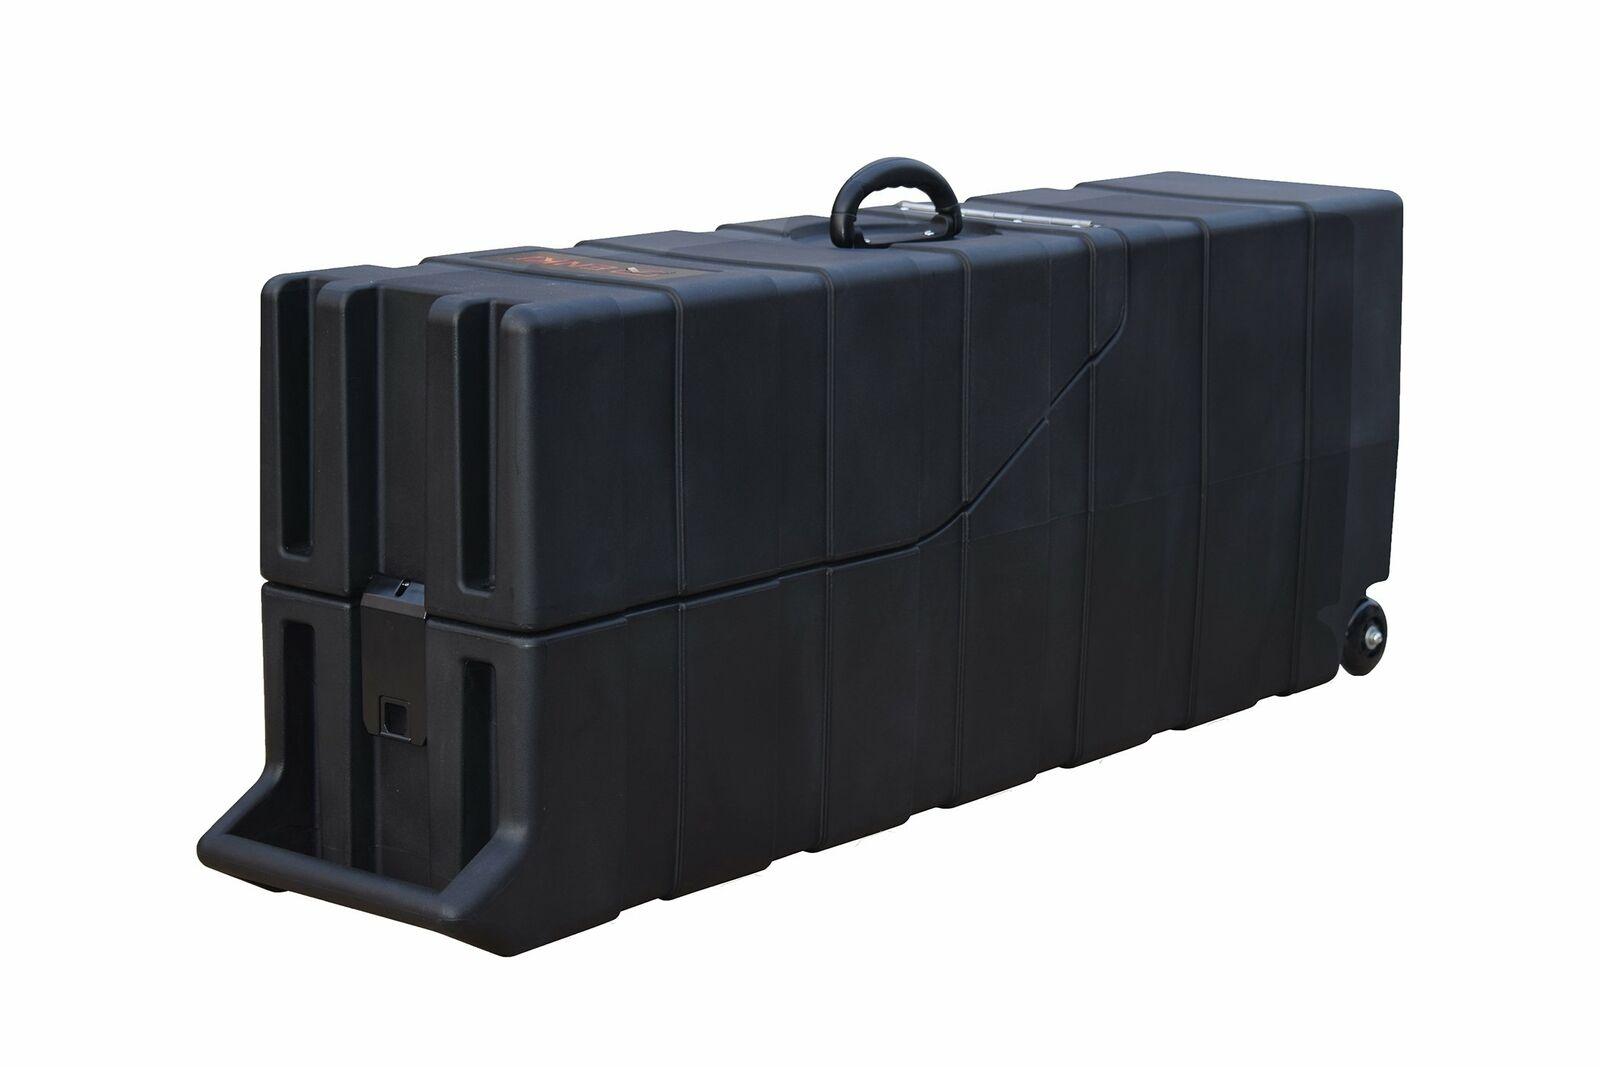 ENKI AMG-2 Double Compound Bow Case